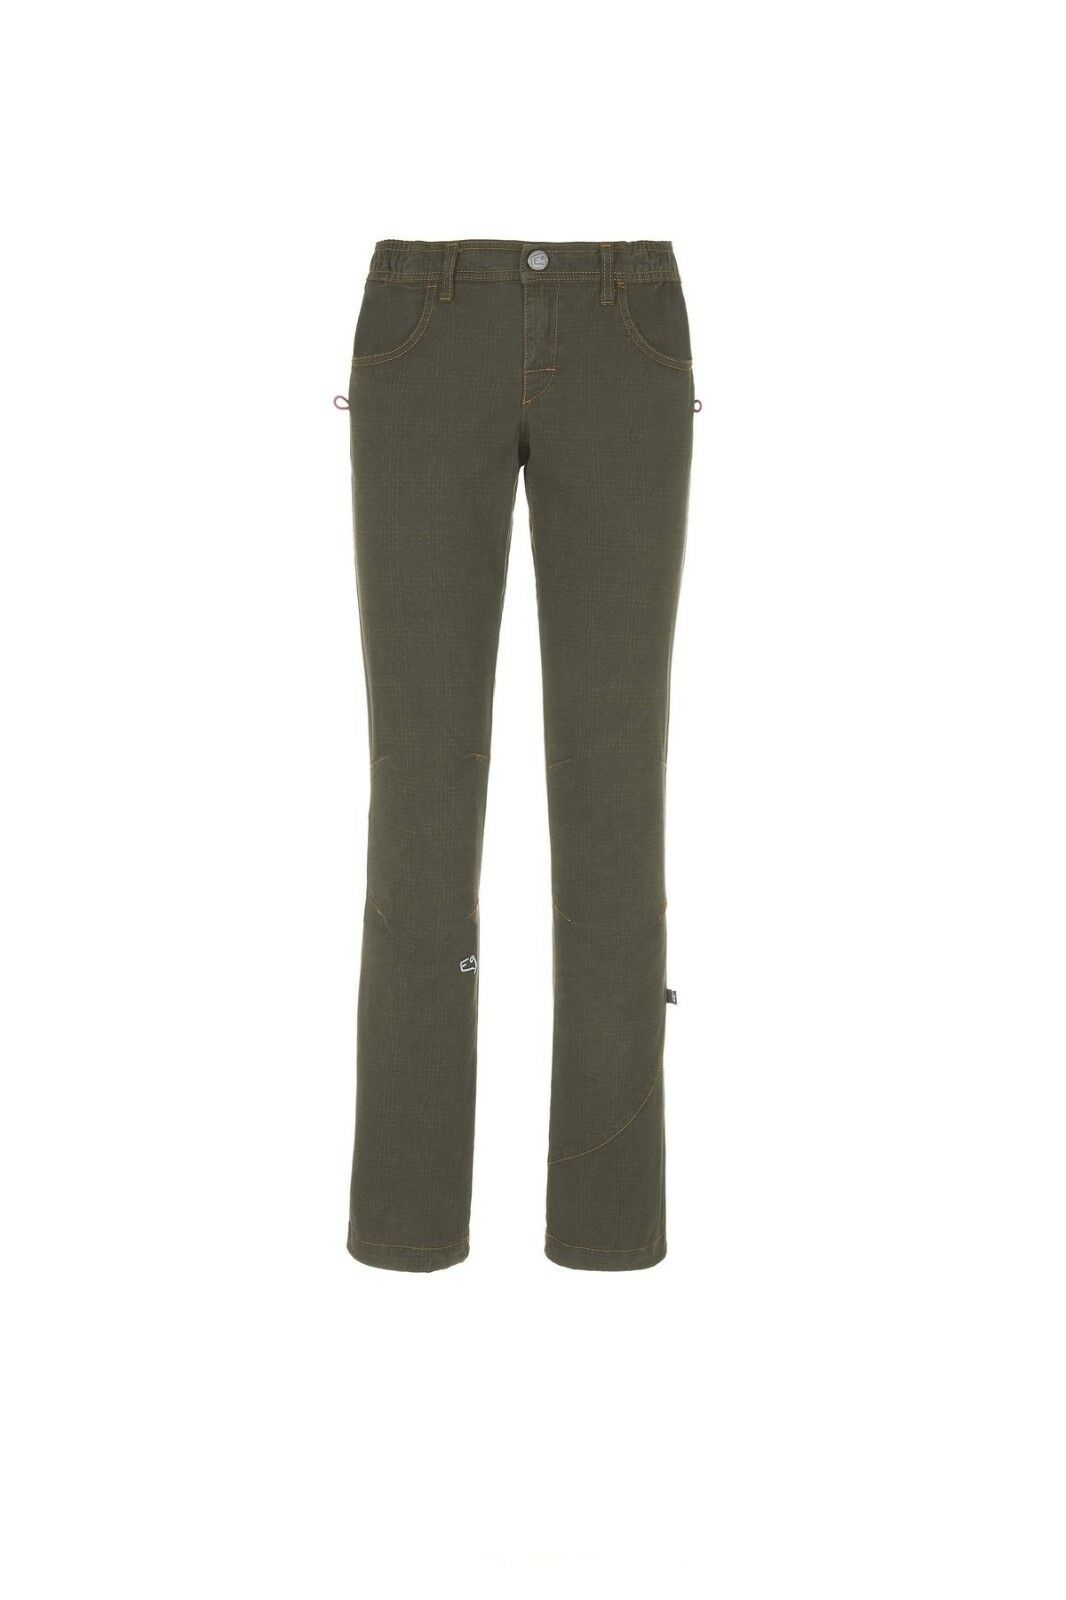 E9 Mago Estrecho Corte Pantalones para Escalar Boulderhose Mujer gris Cálido